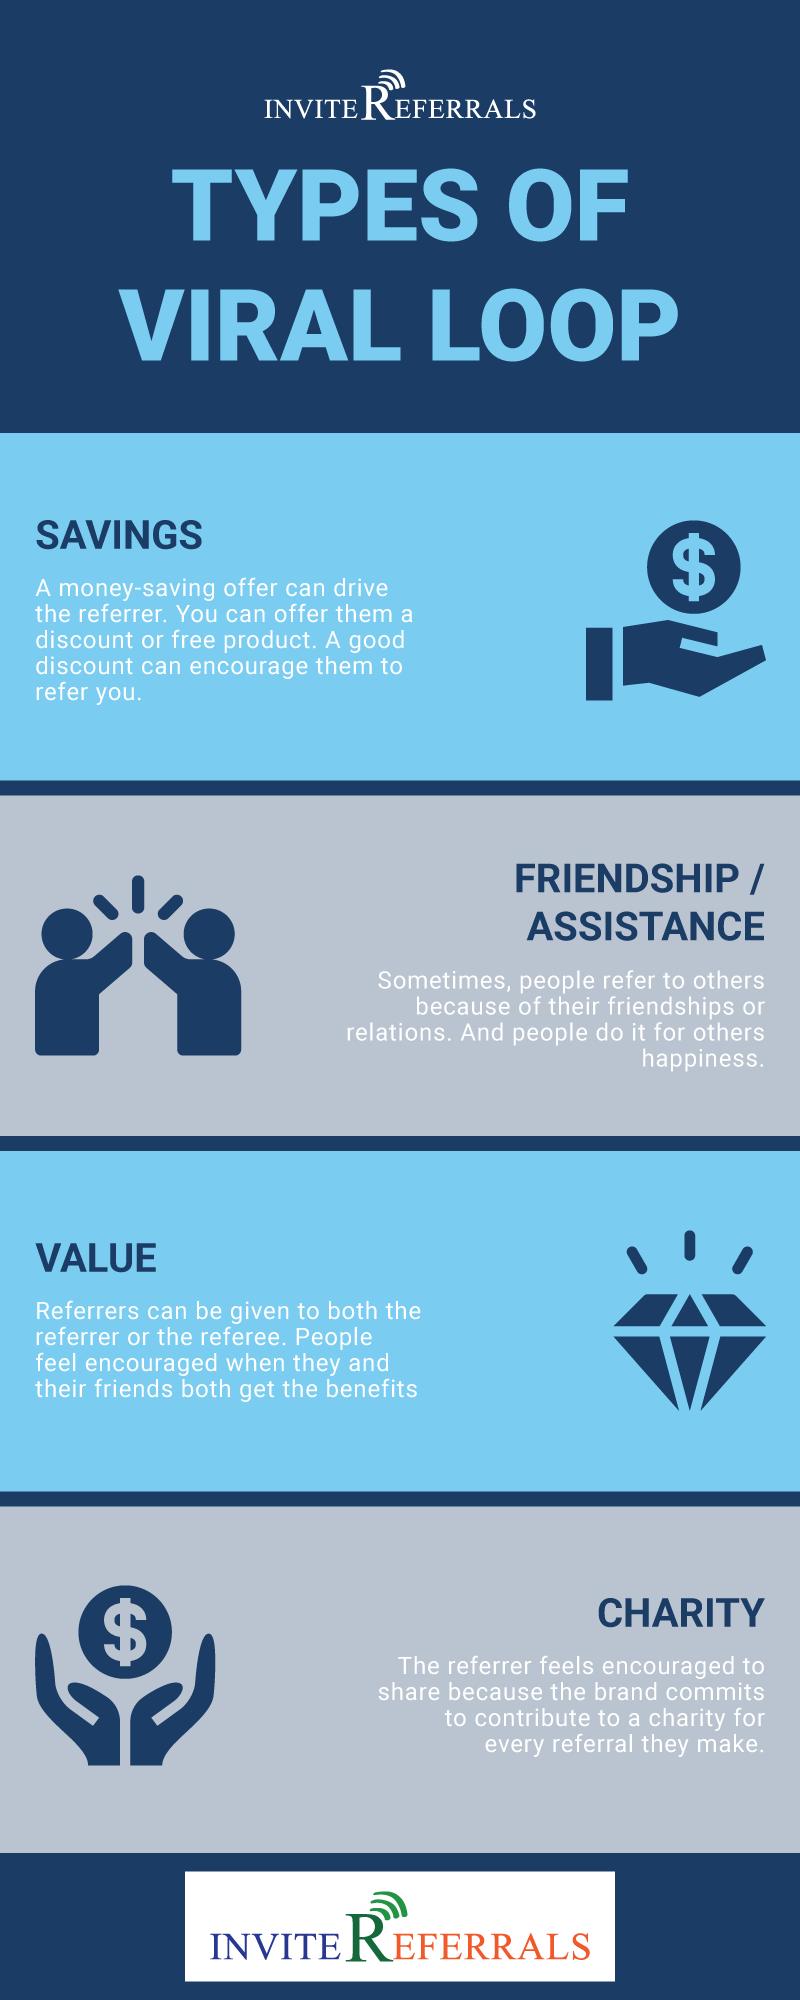 Types of Viral Loops